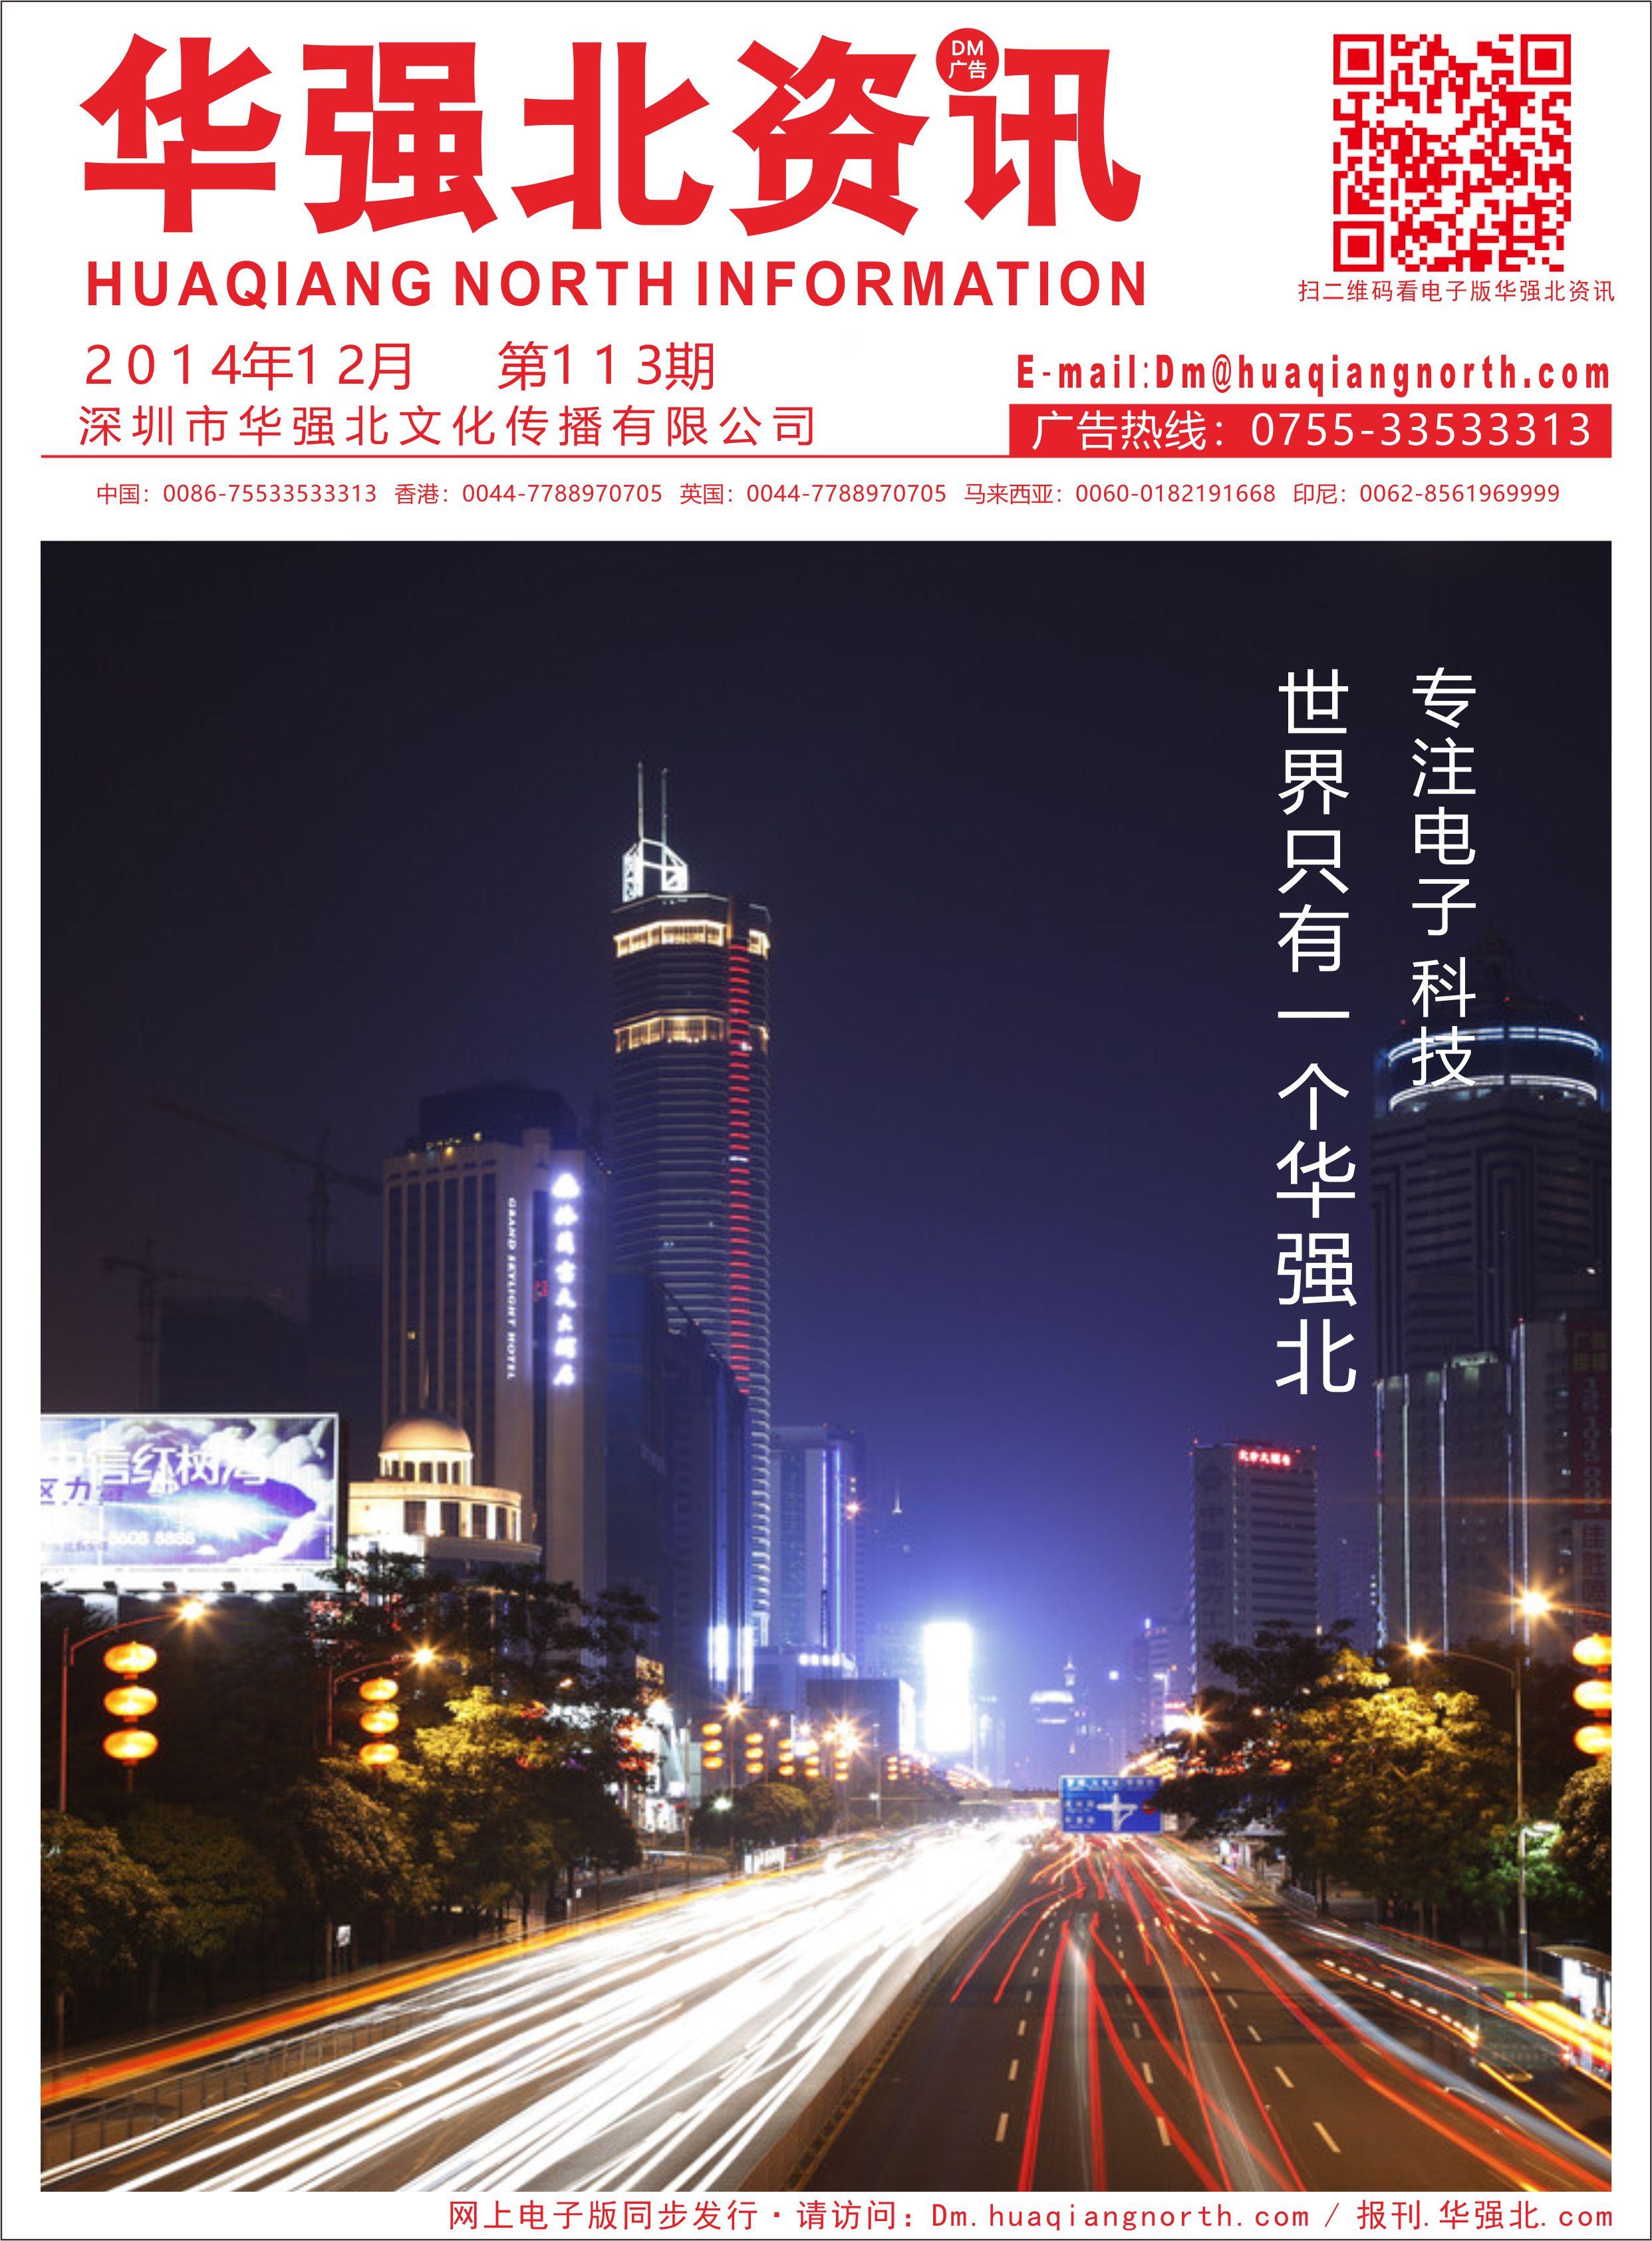 华强北资讯第113期